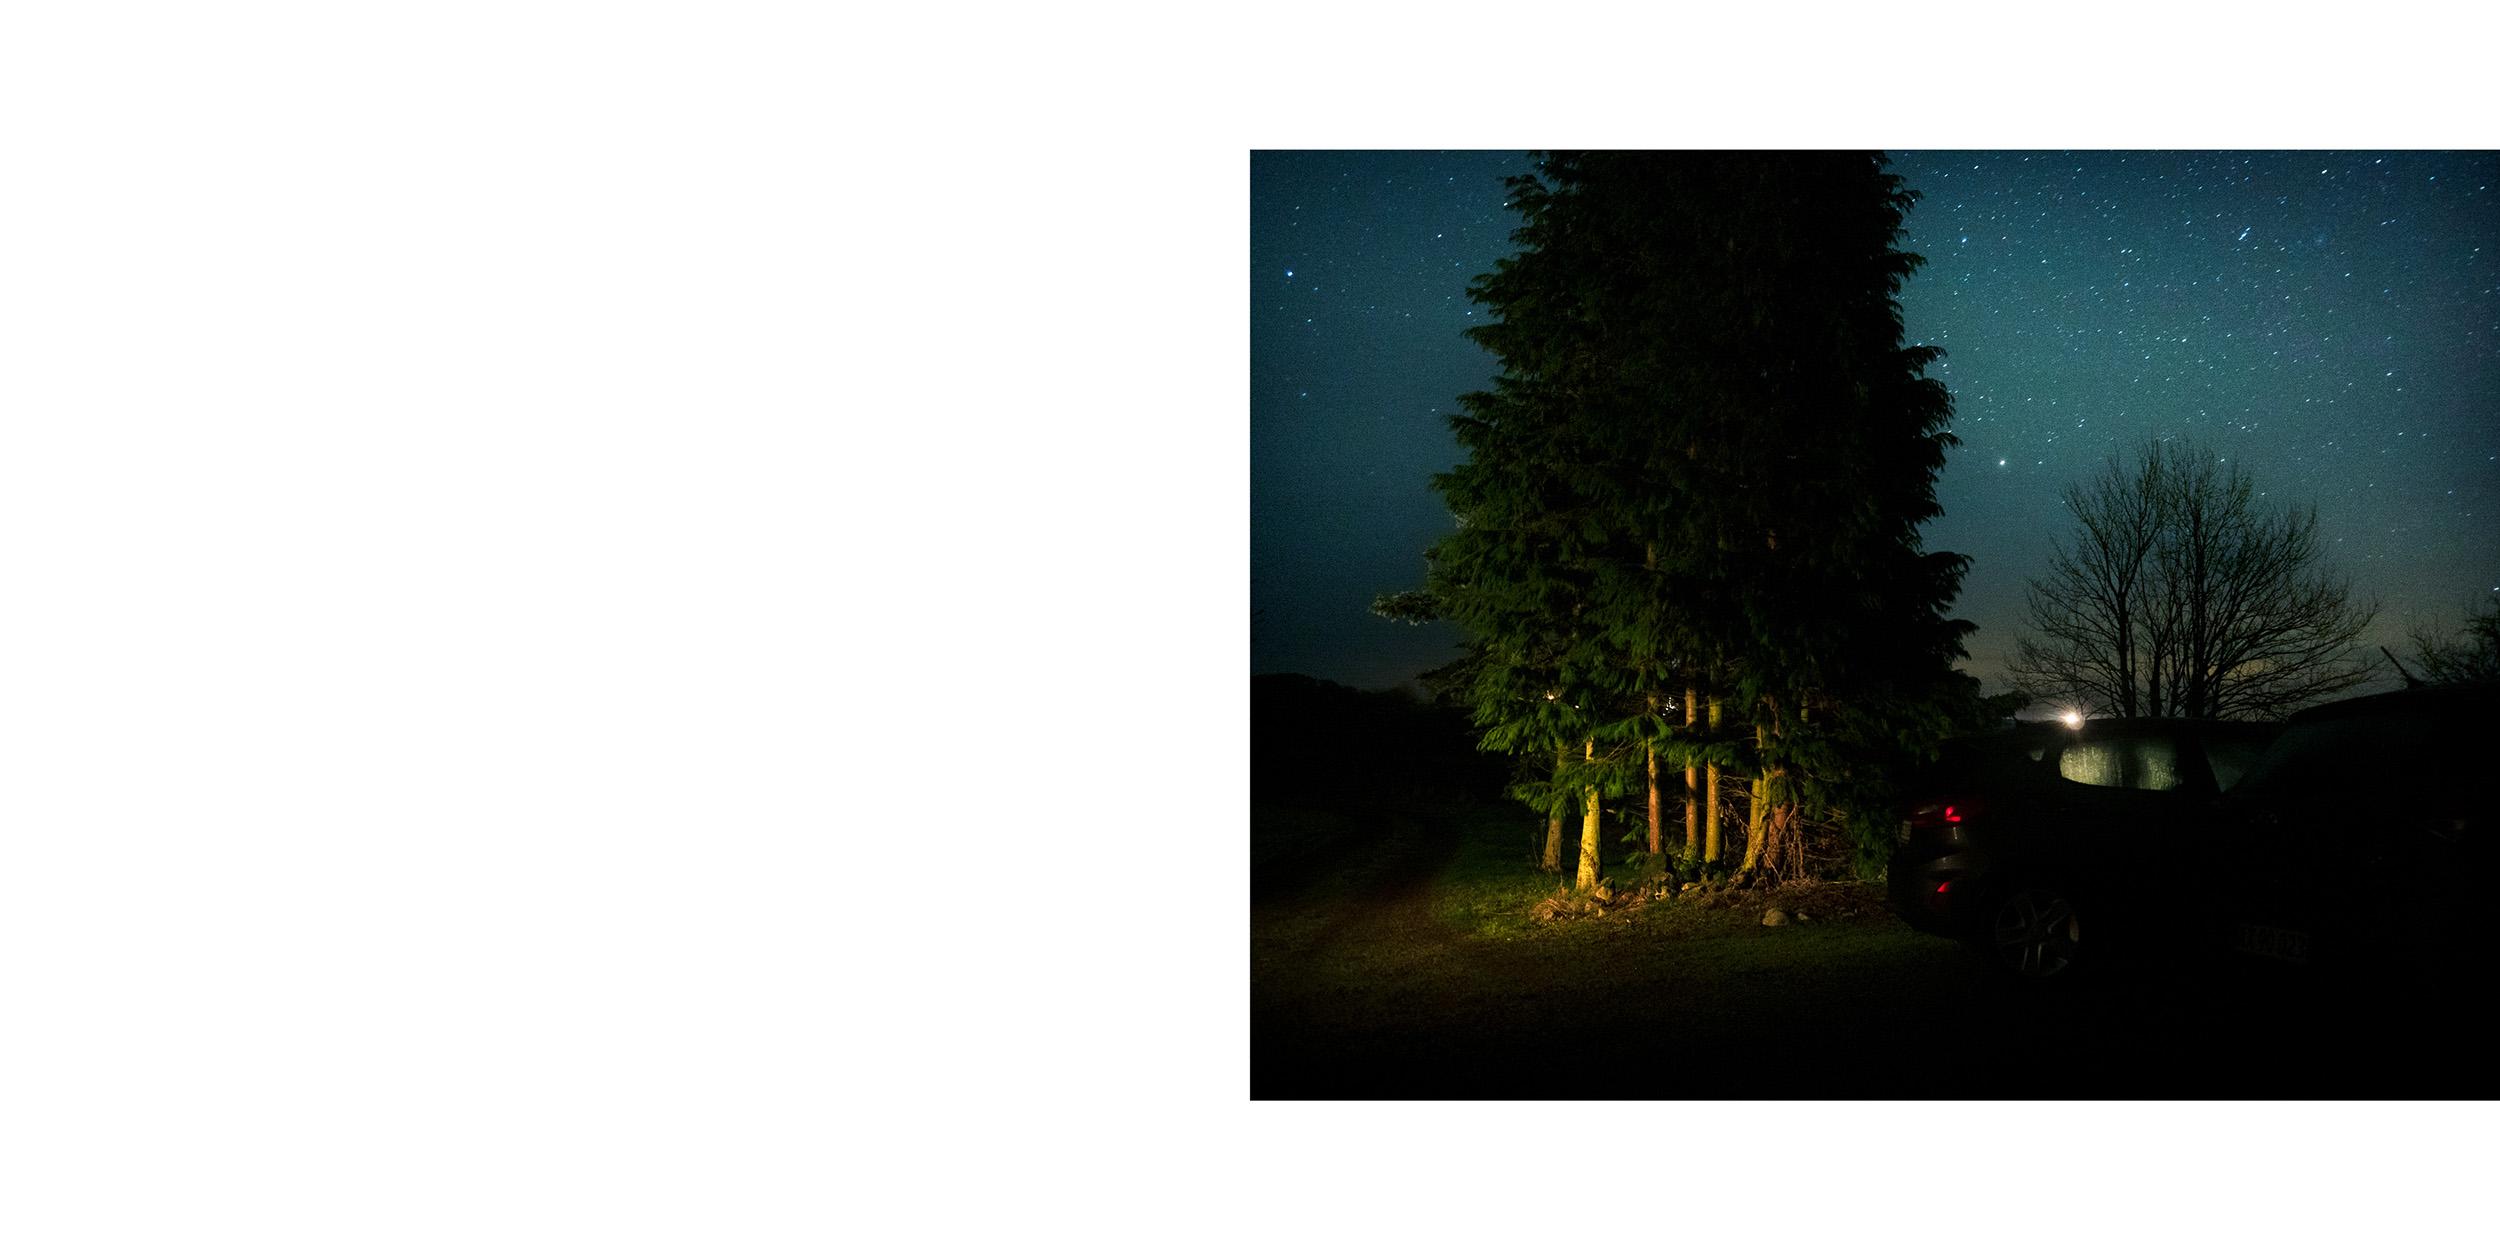 fotoskolen fatamorgana_10-11.jpg